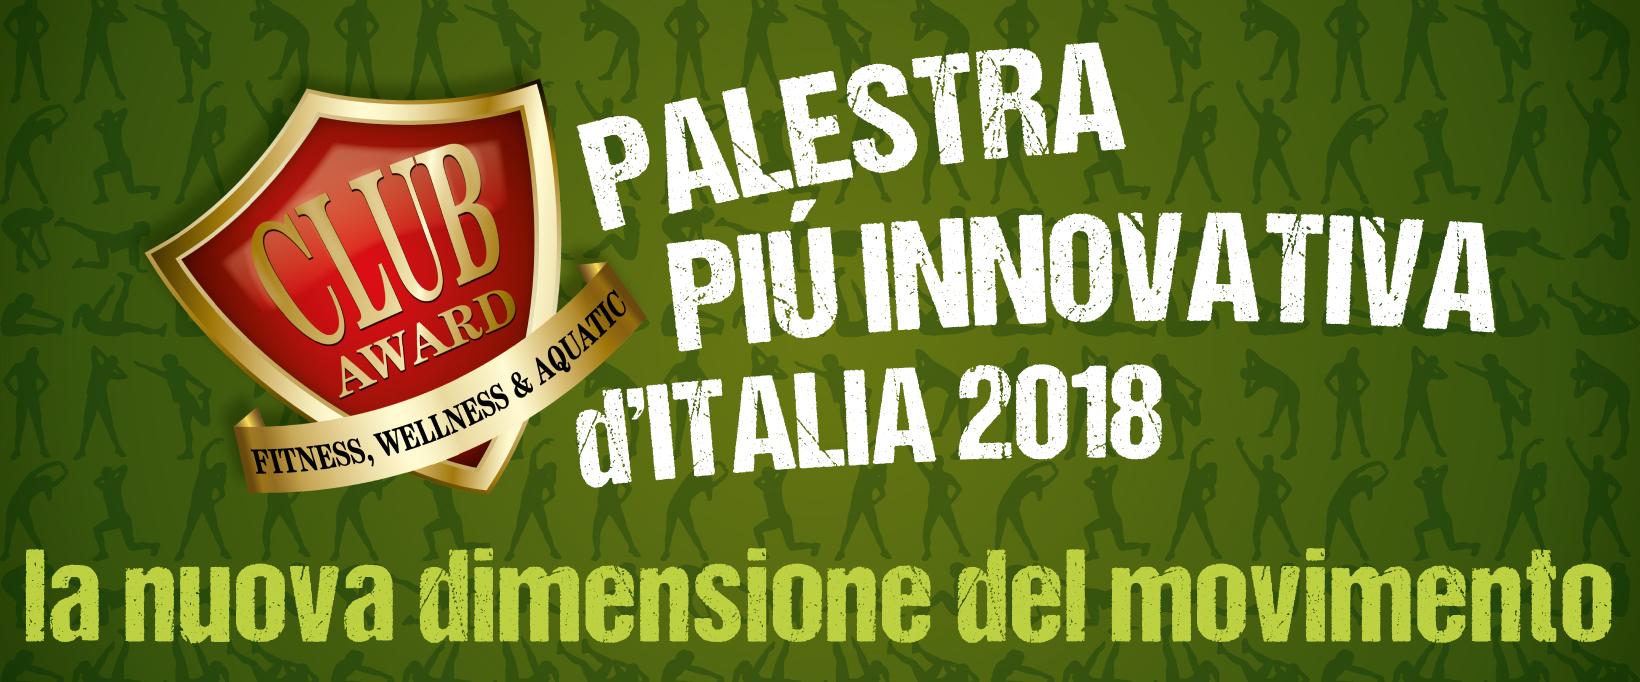 La palestra più innovativa d'Italia